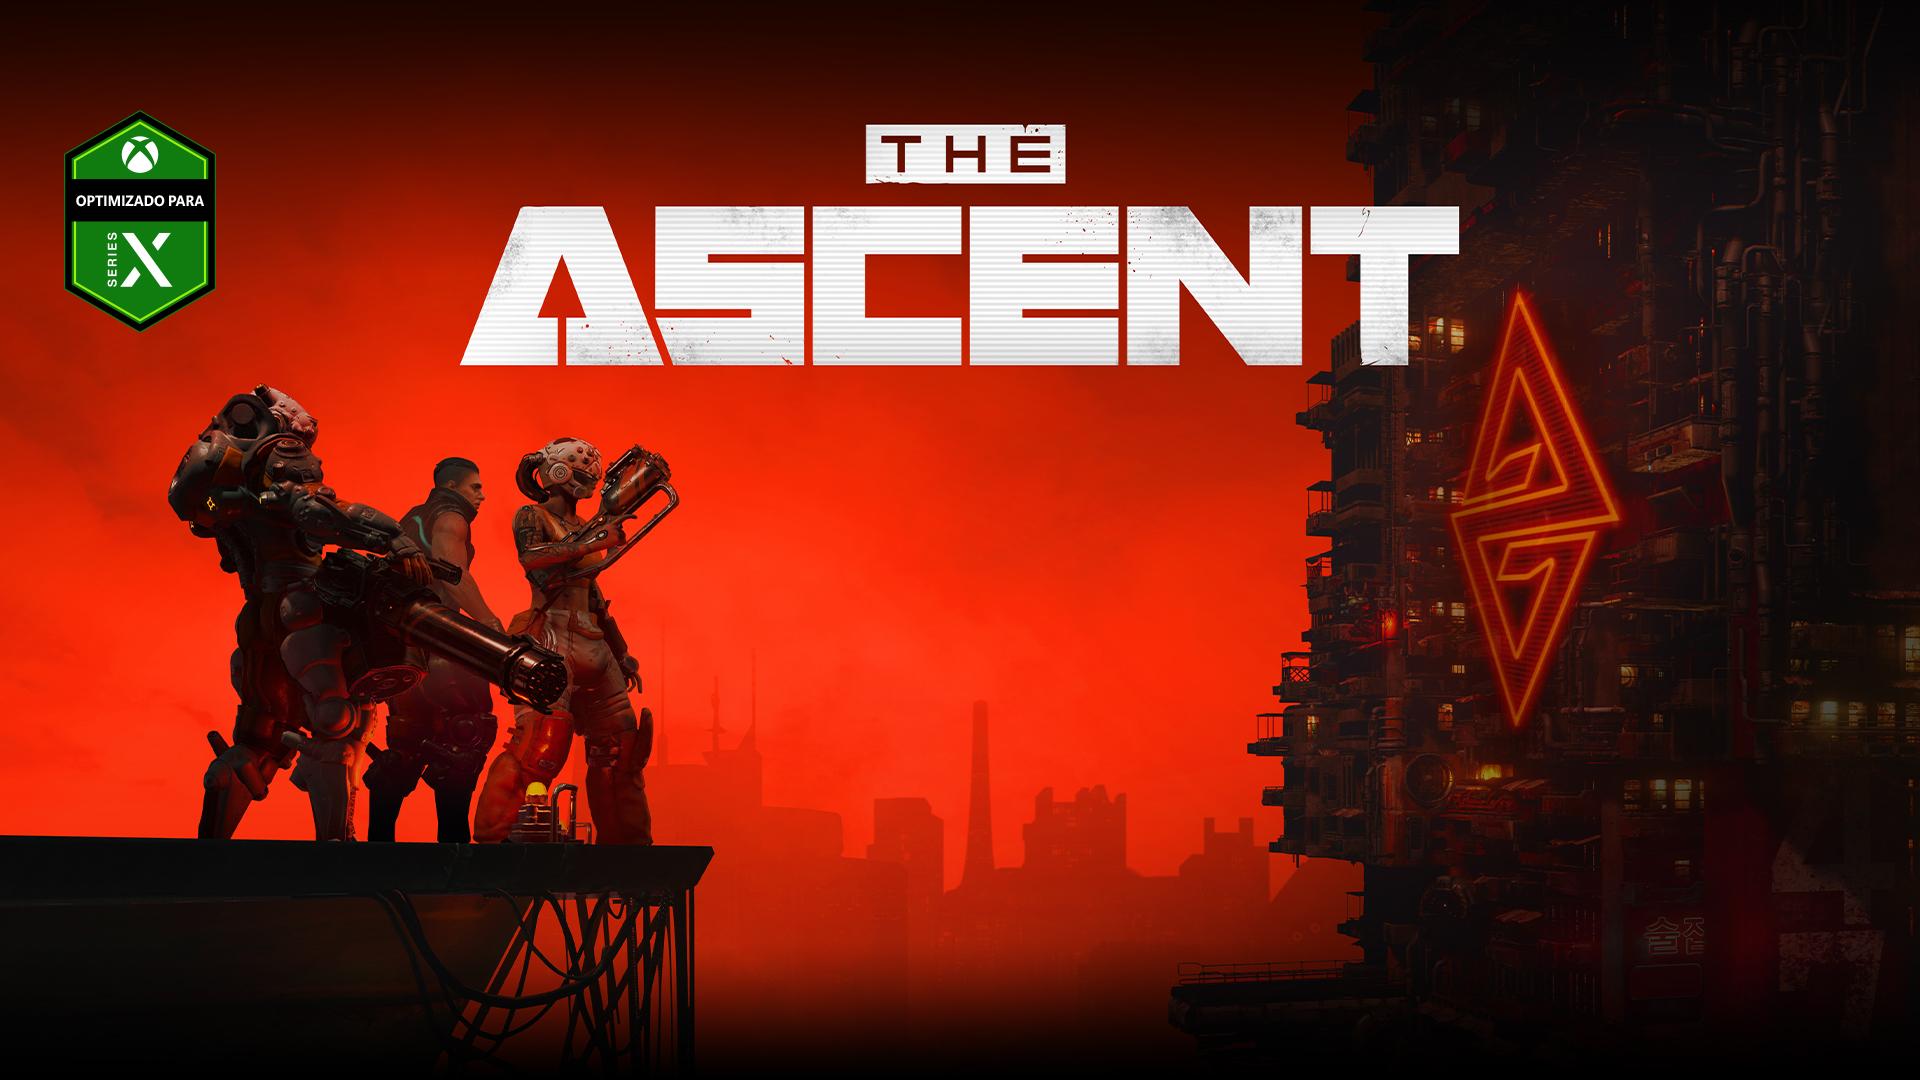 The Ascent, Optimizado para Xbox Series X, tres personajes de pie en una plataforma con vistas a un gran edificio industrial de estilo ciberpunk